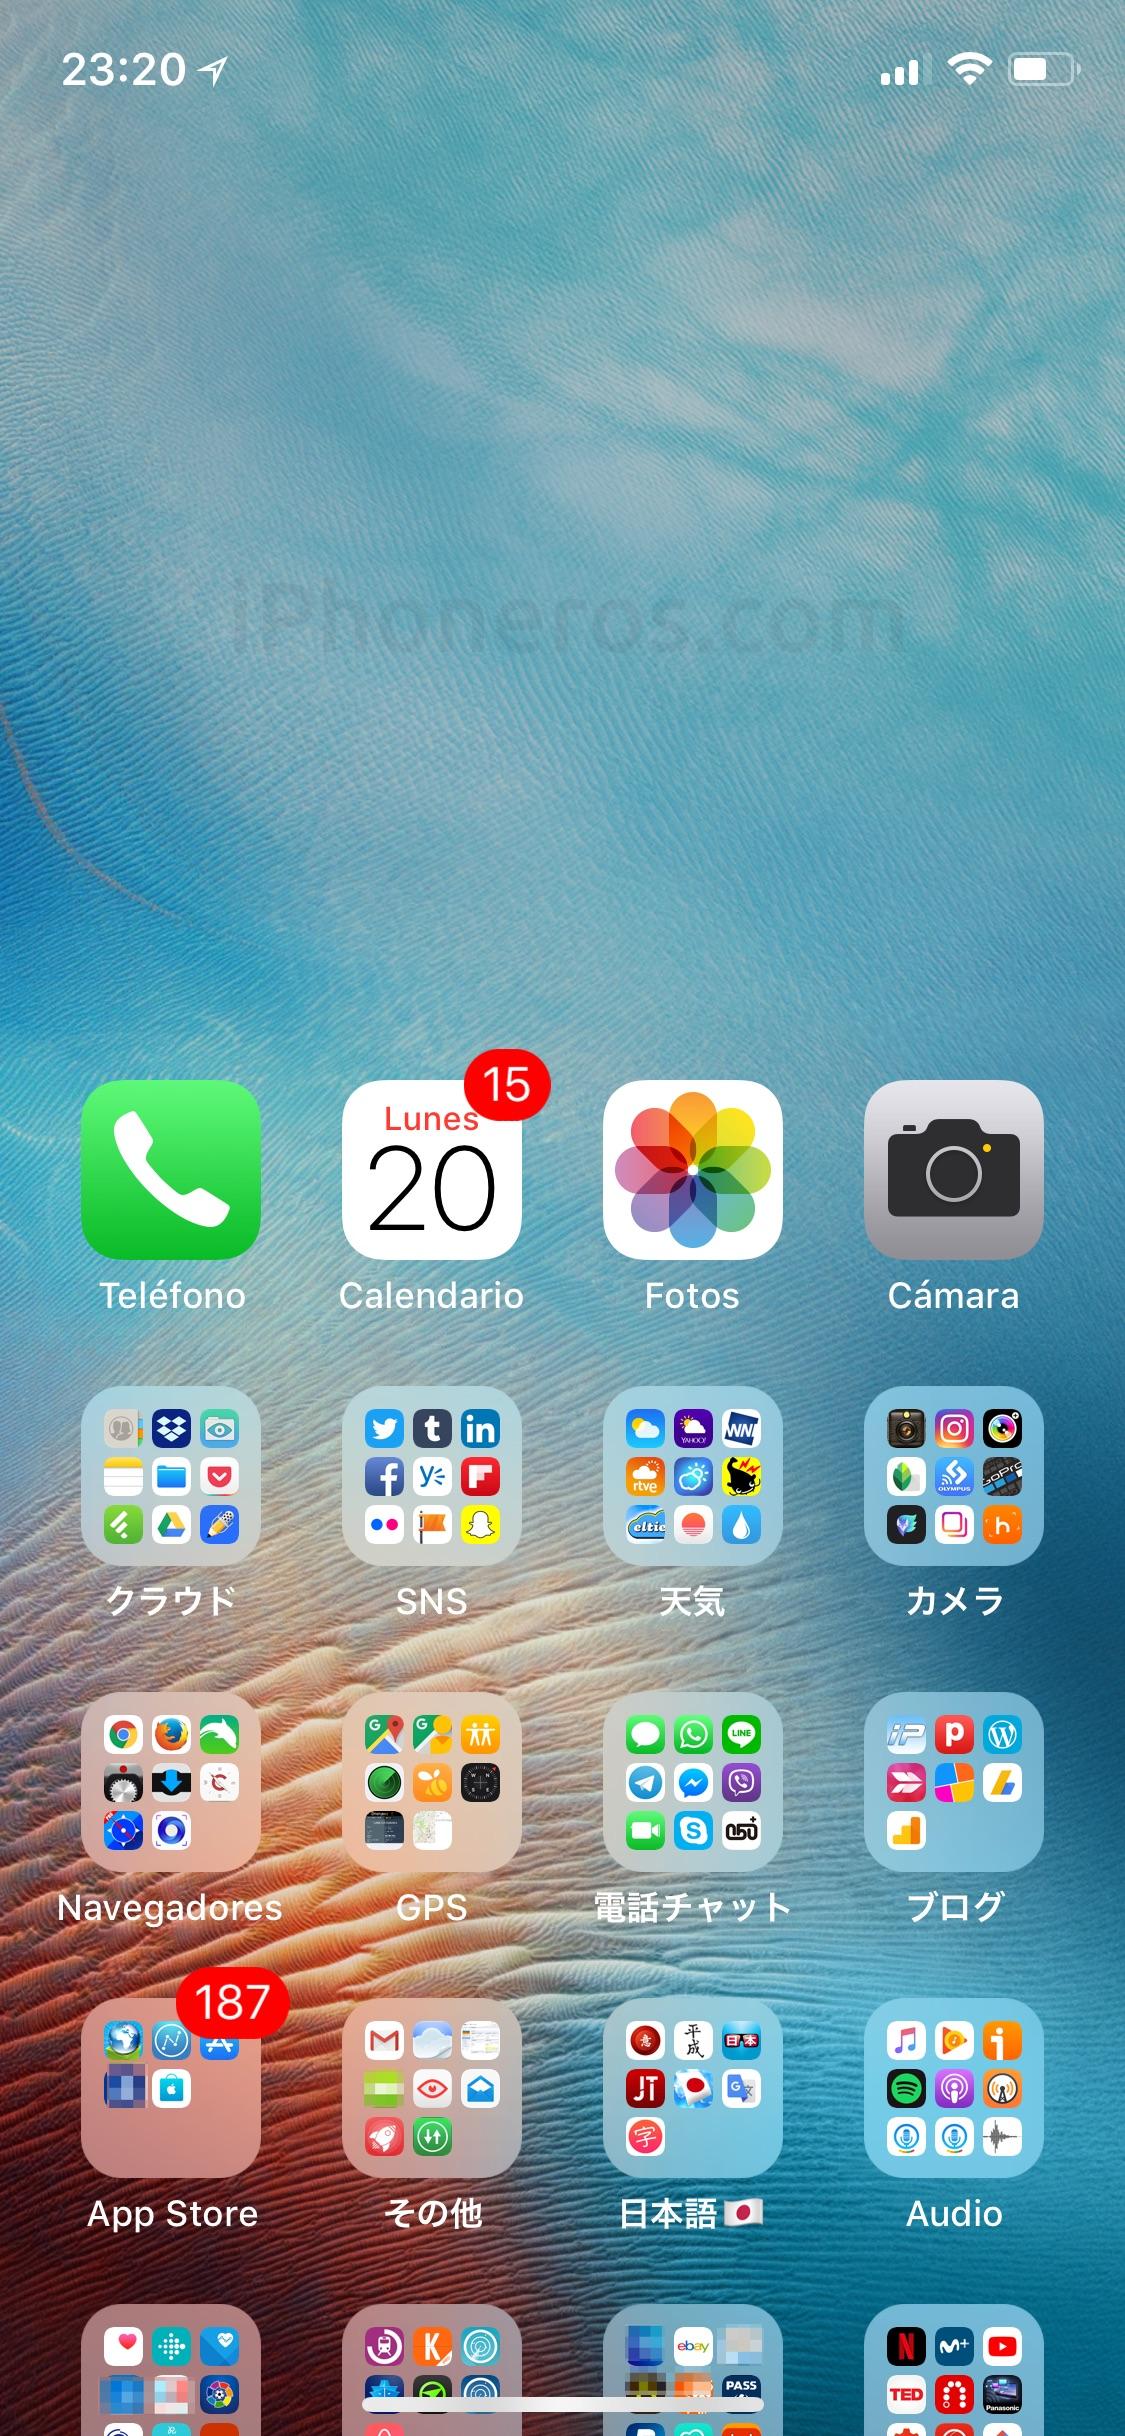 Interfaz de iOS bajada con simple alcance (iPhone X)